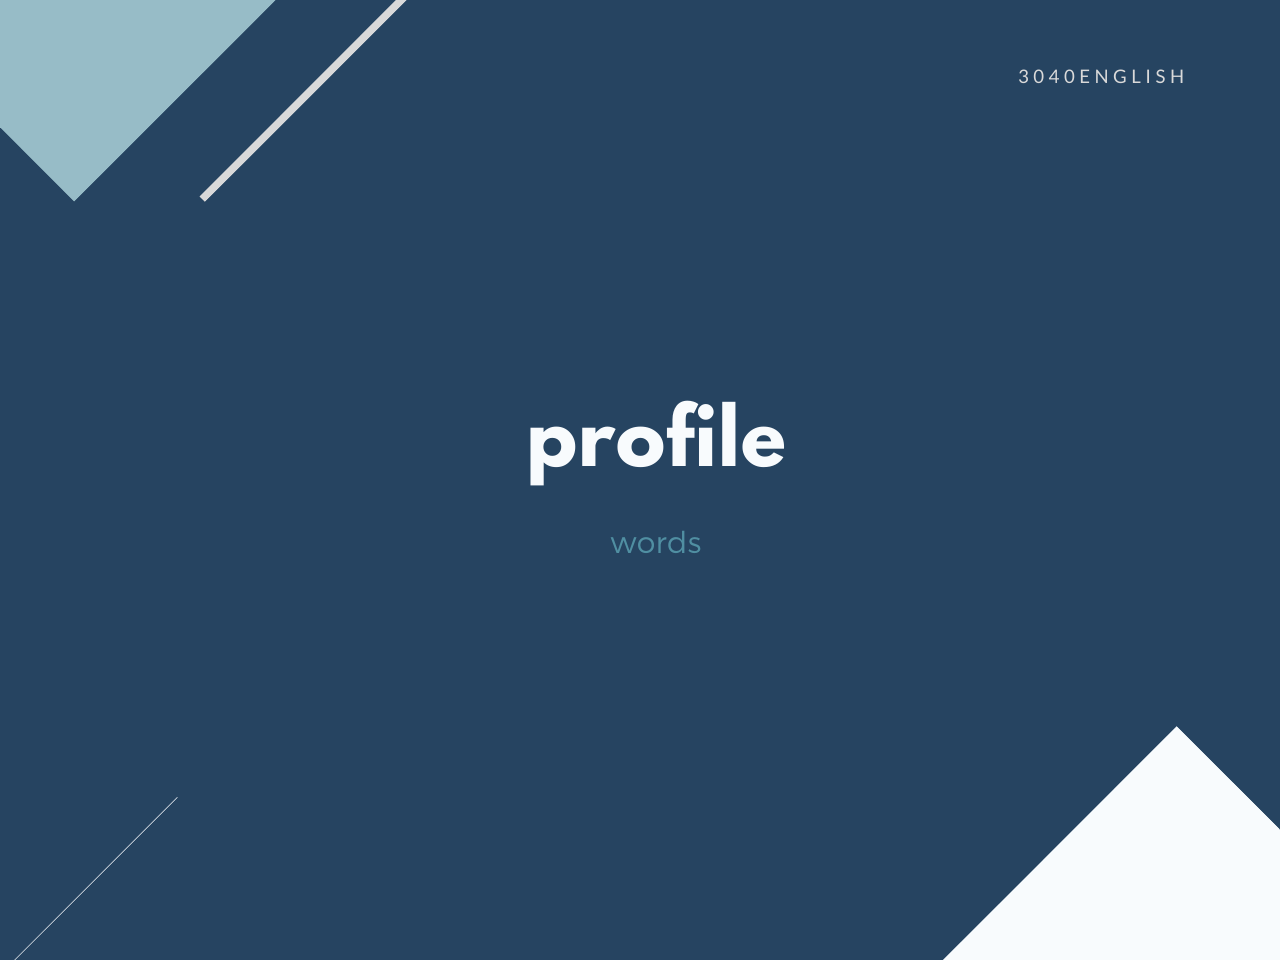 「プロフィール」と言わないで!profile の意味と簡単な使い方【例文あり】